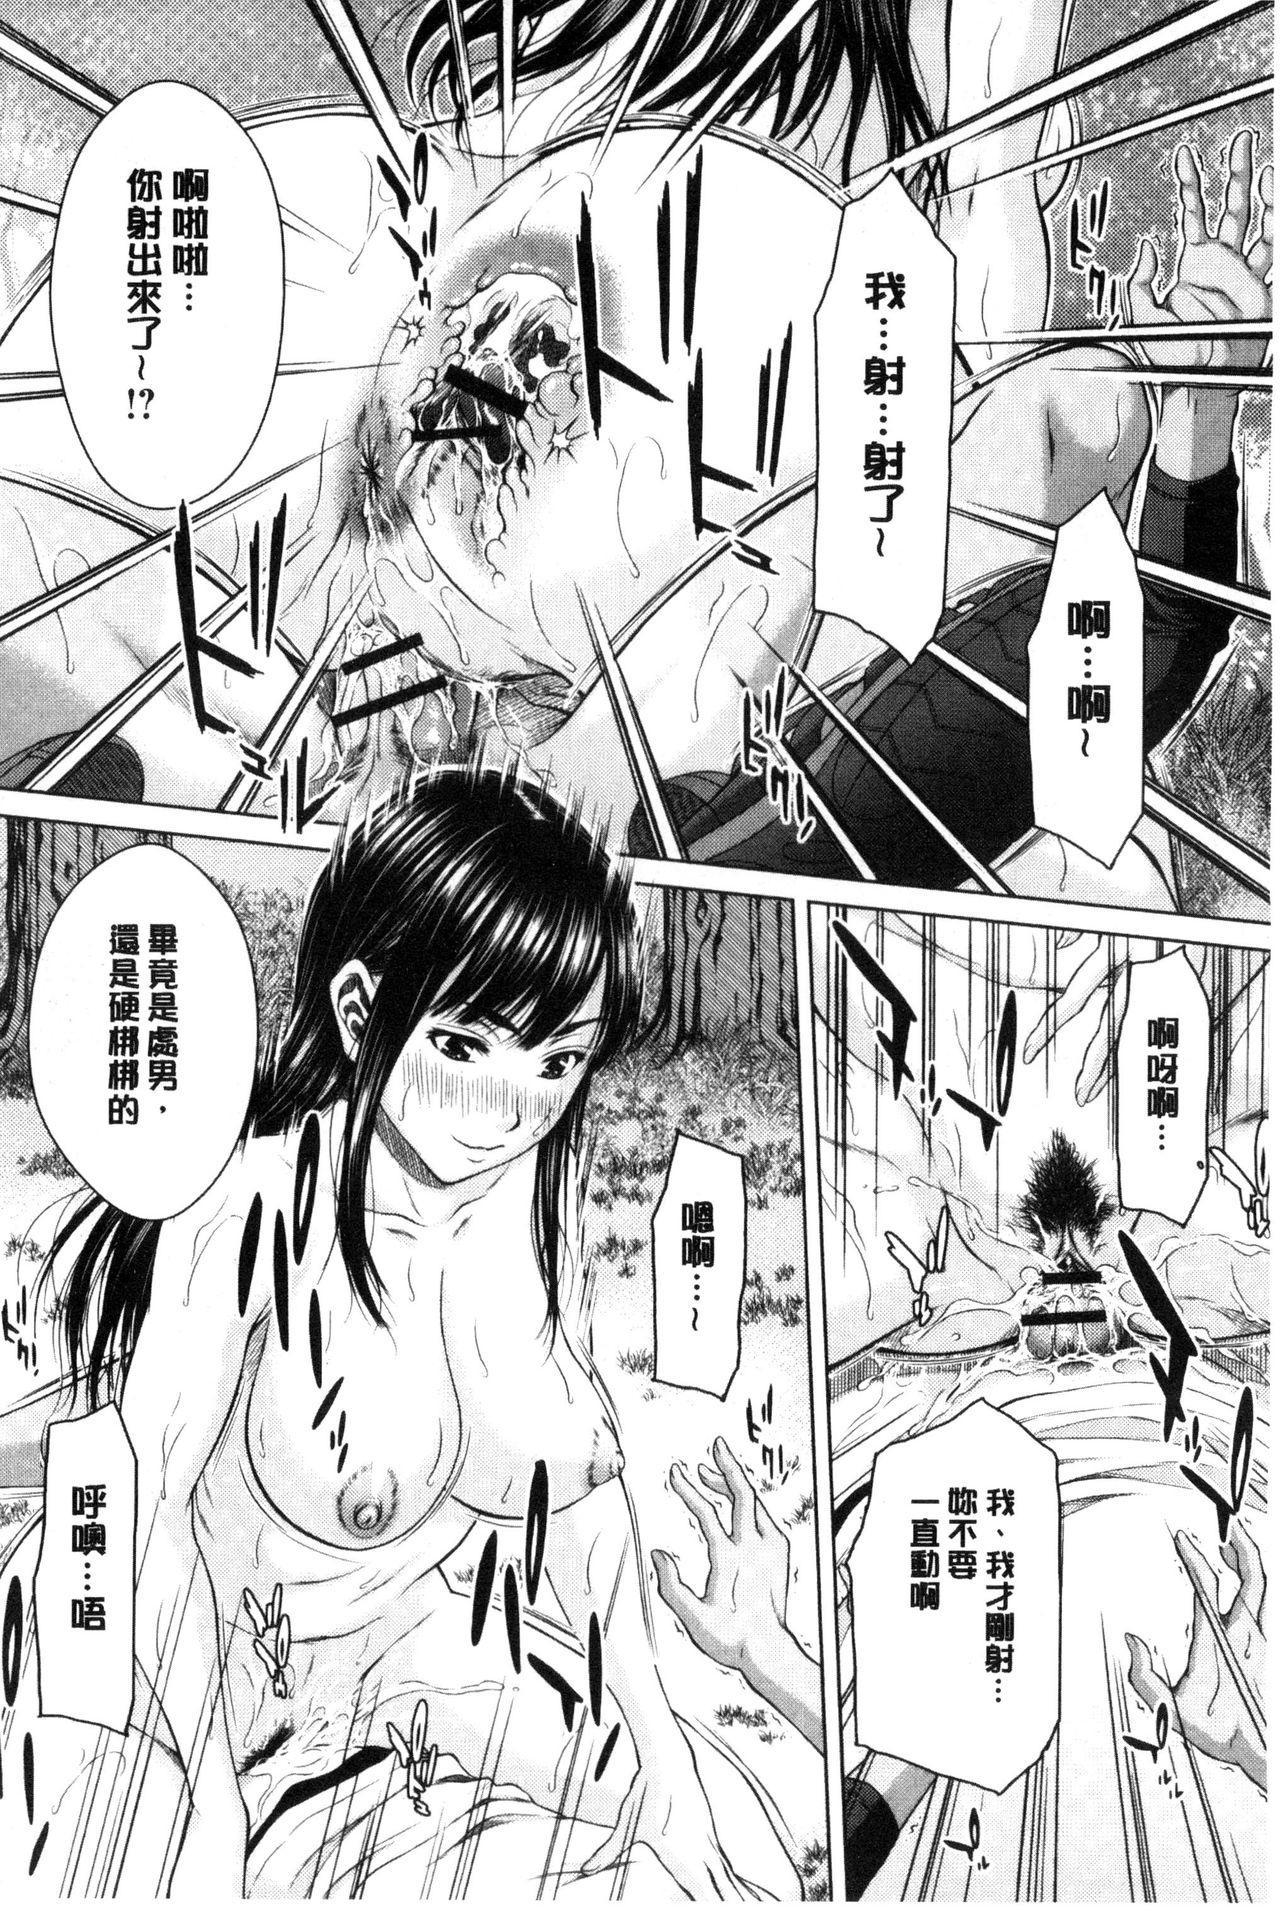 Mesukano Inbina Mesu Kanojotachi To No Hibi 62